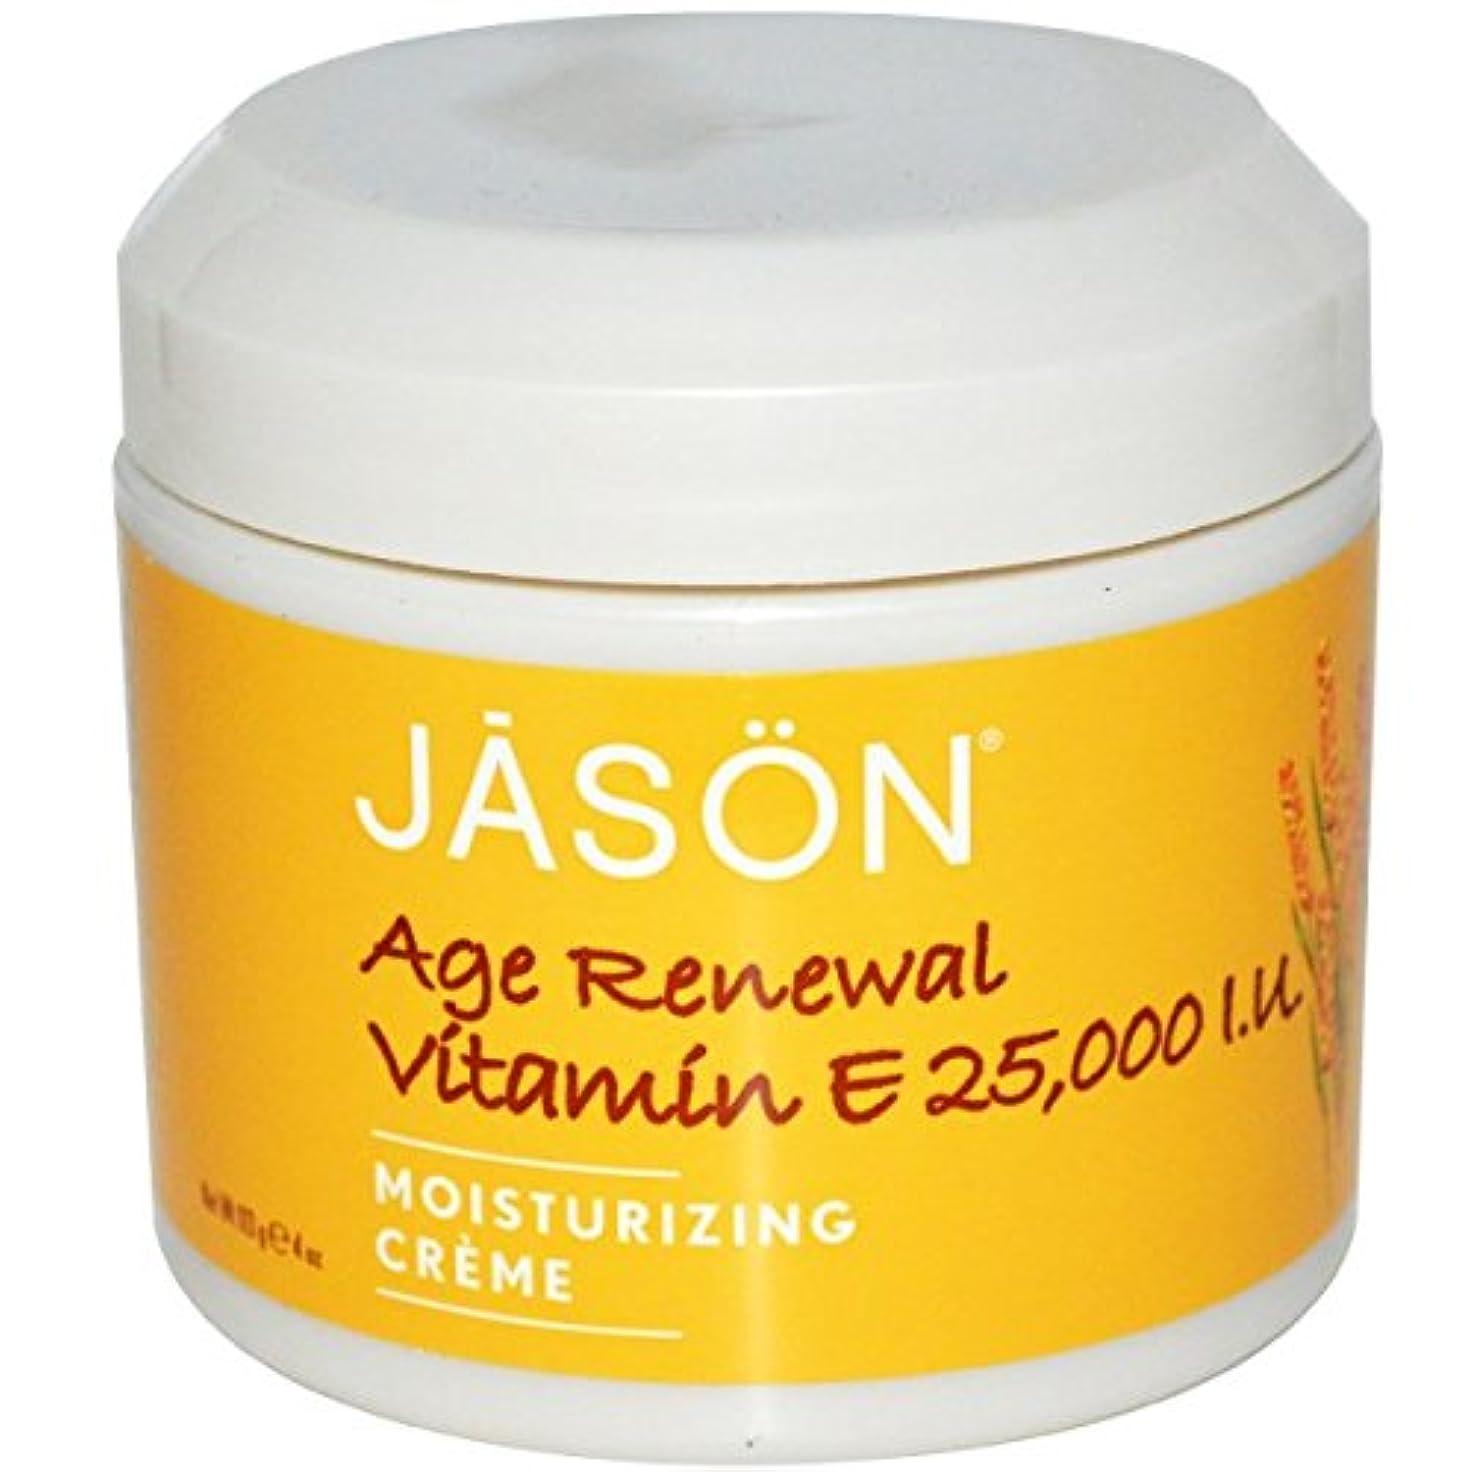 奨励積極的に告発[海外直送品] ジェイソンナチュラル(Jason Natural) 25,000 IU ビタミンE エイジリニューアルクリーム 113g